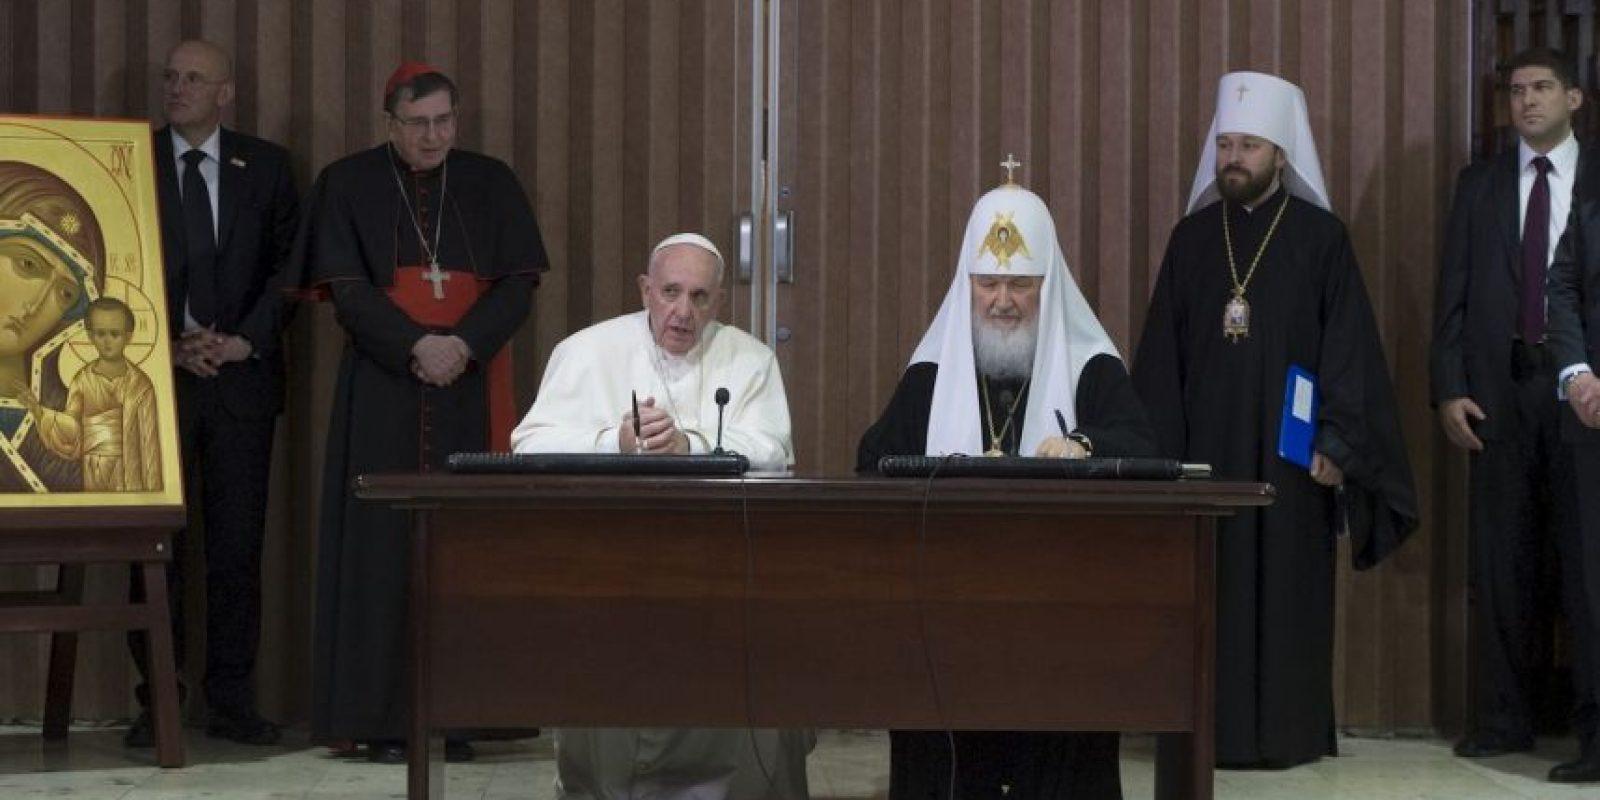 Con quien firmó una histórica declaración conjunta tendiendo puentes entre ambas iglesias. Foto:AP. Imagen Por: